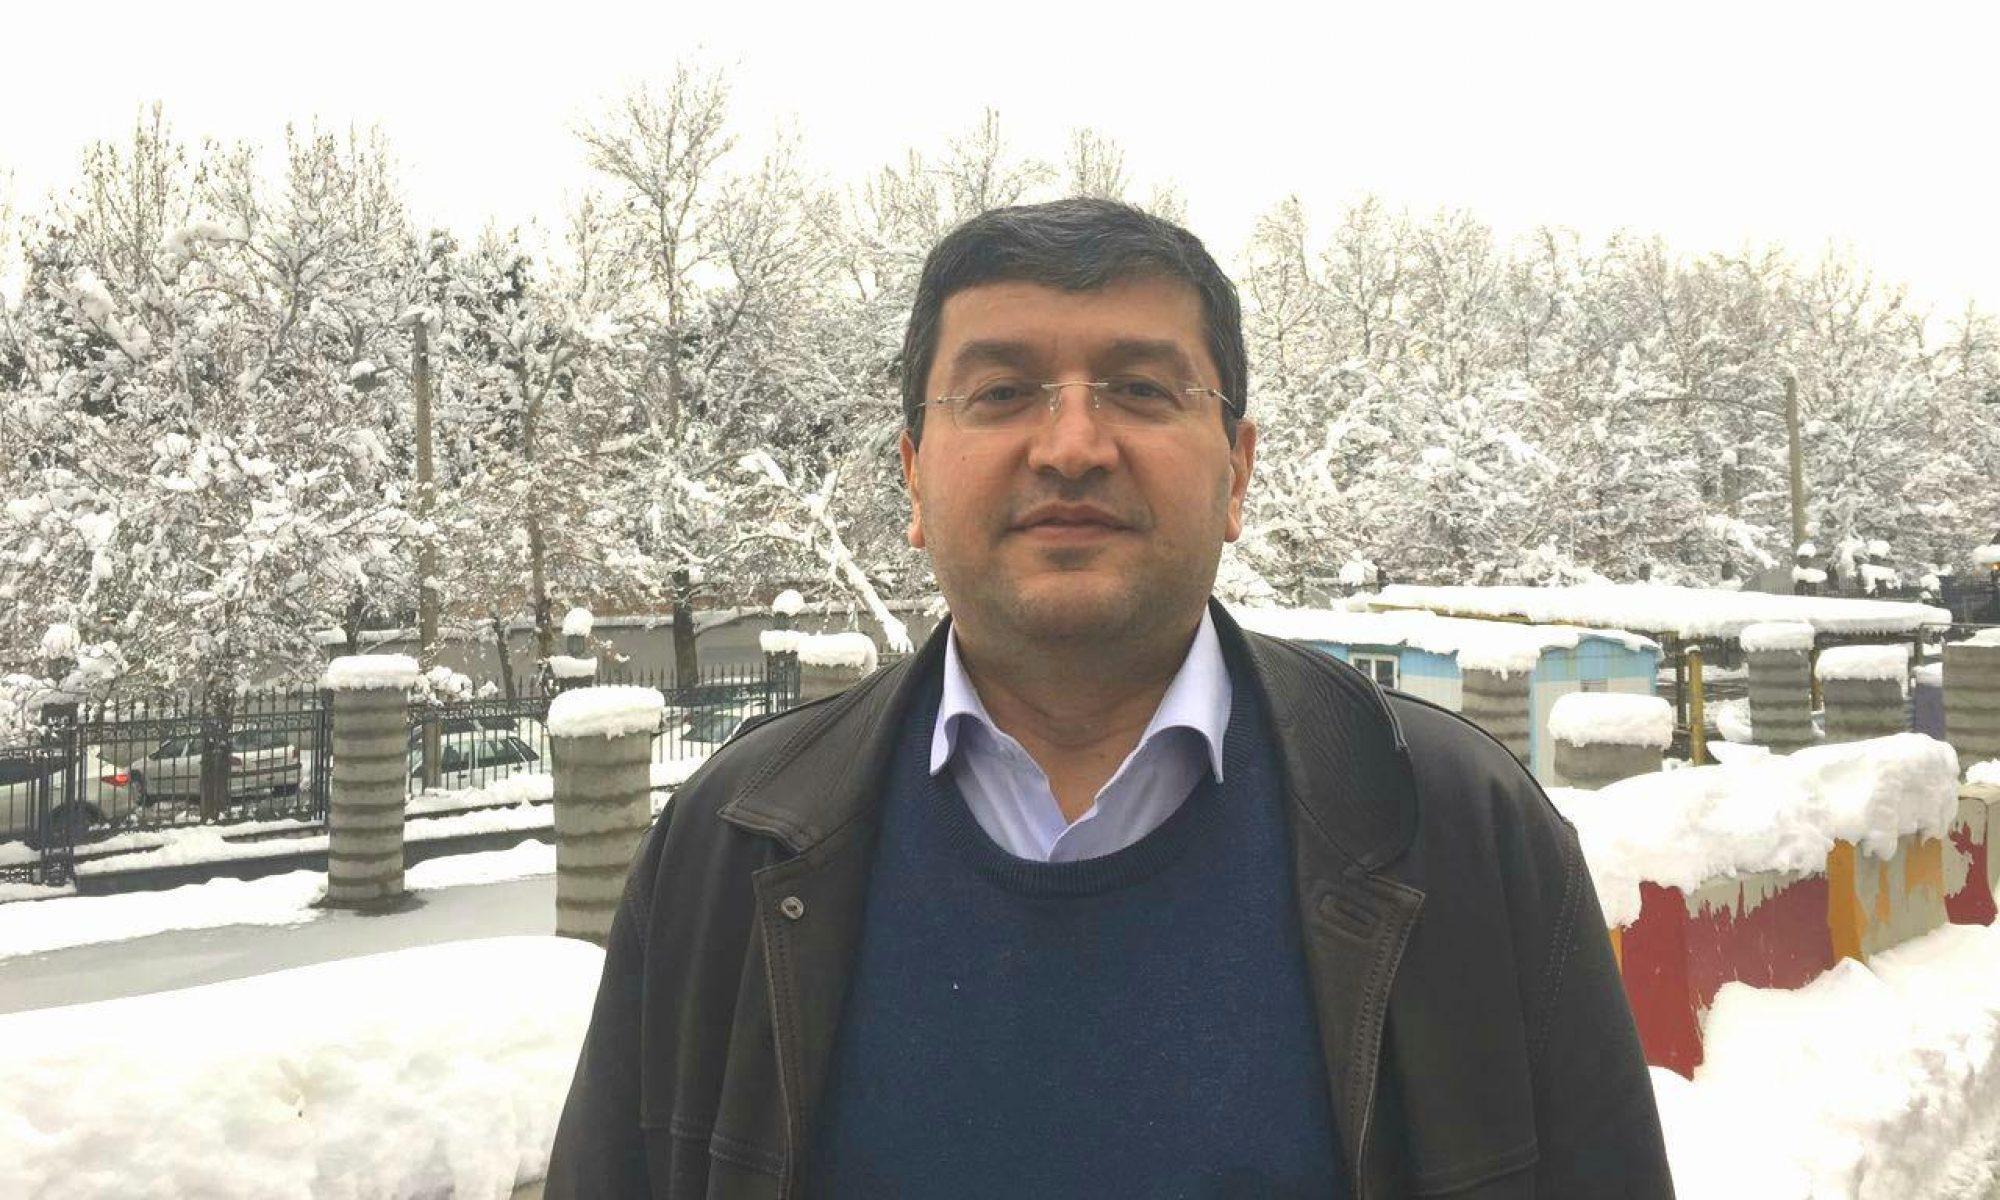 وب سایت شخصی دکتر هادی حاجی زاده فلاح